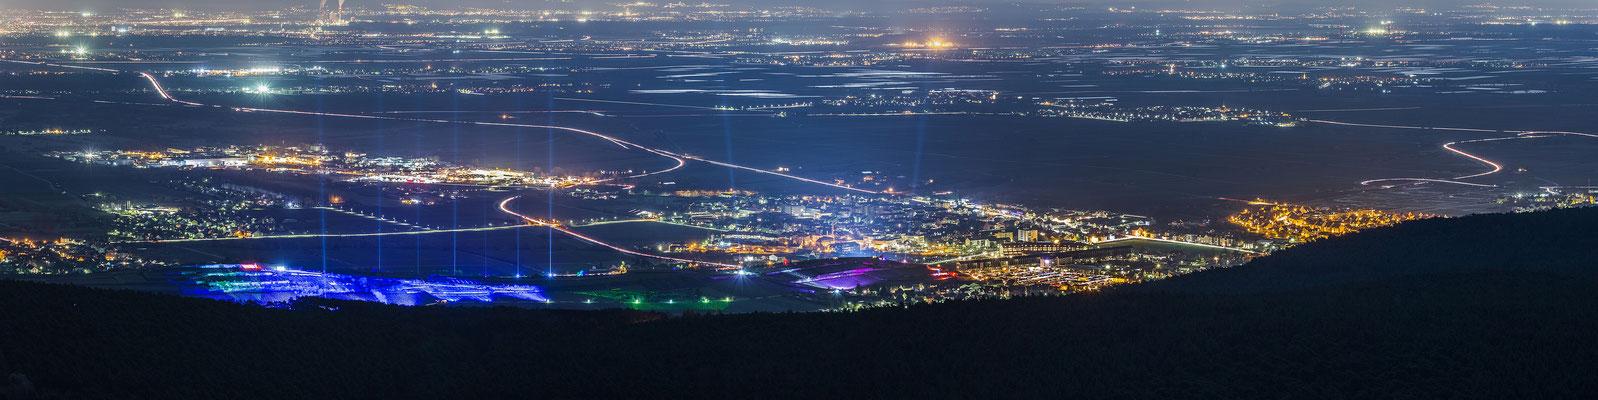 Beleuchtung zur Weinbergnacht